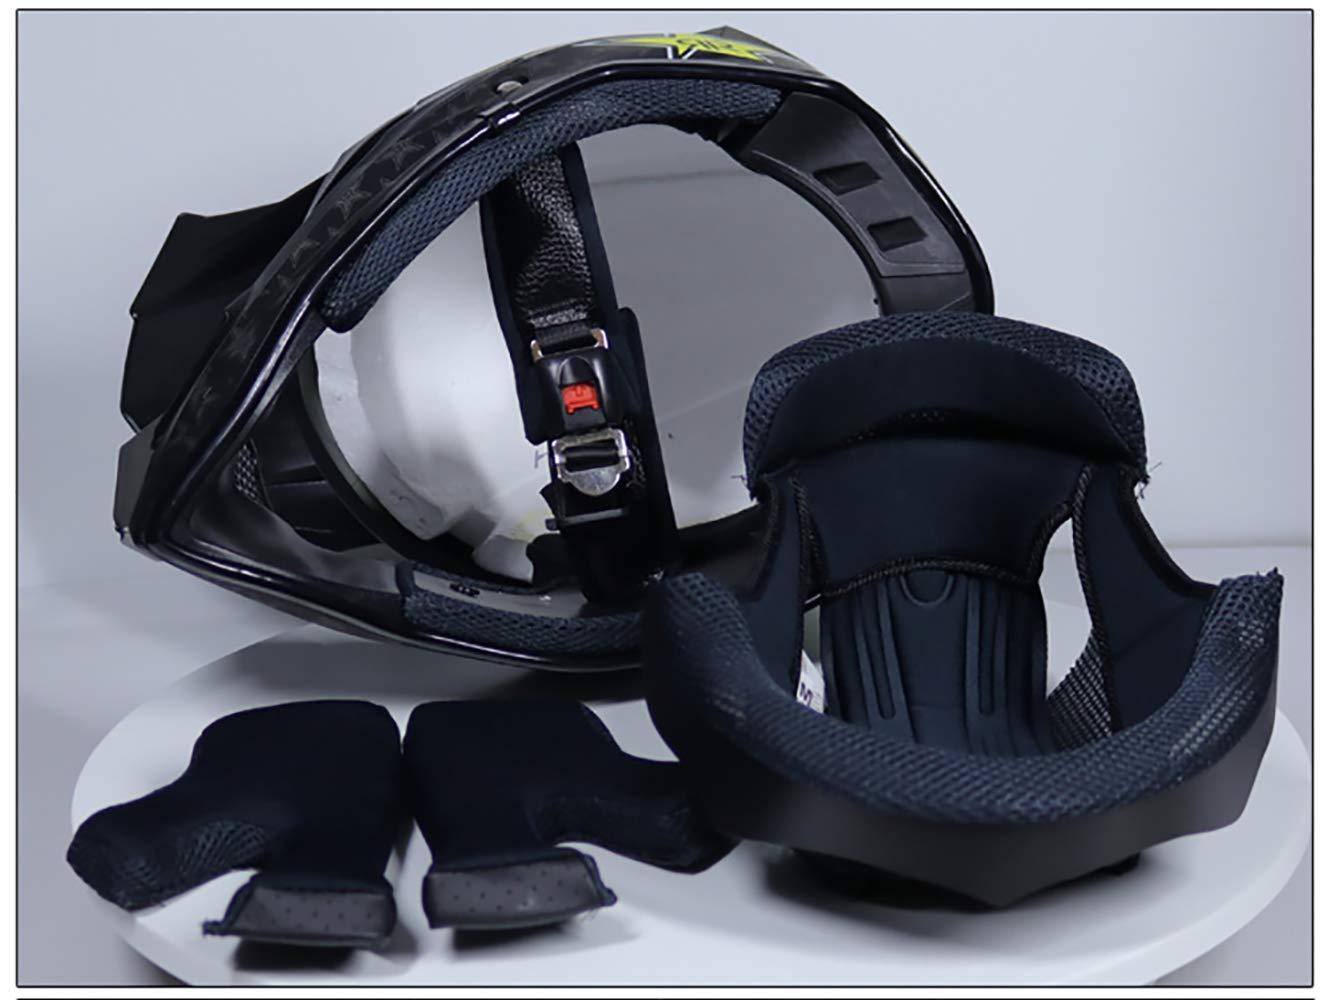 Helmet Casco de Motocicleta para Adultos y ni/ños con certificaci/ón Dot//combinaci/ón de Fox Rojo y Blanco Casco + Ocular + Guantes + Conjunto de Cuatro Piezas con m/áscara Casco Ligero de monta/ña